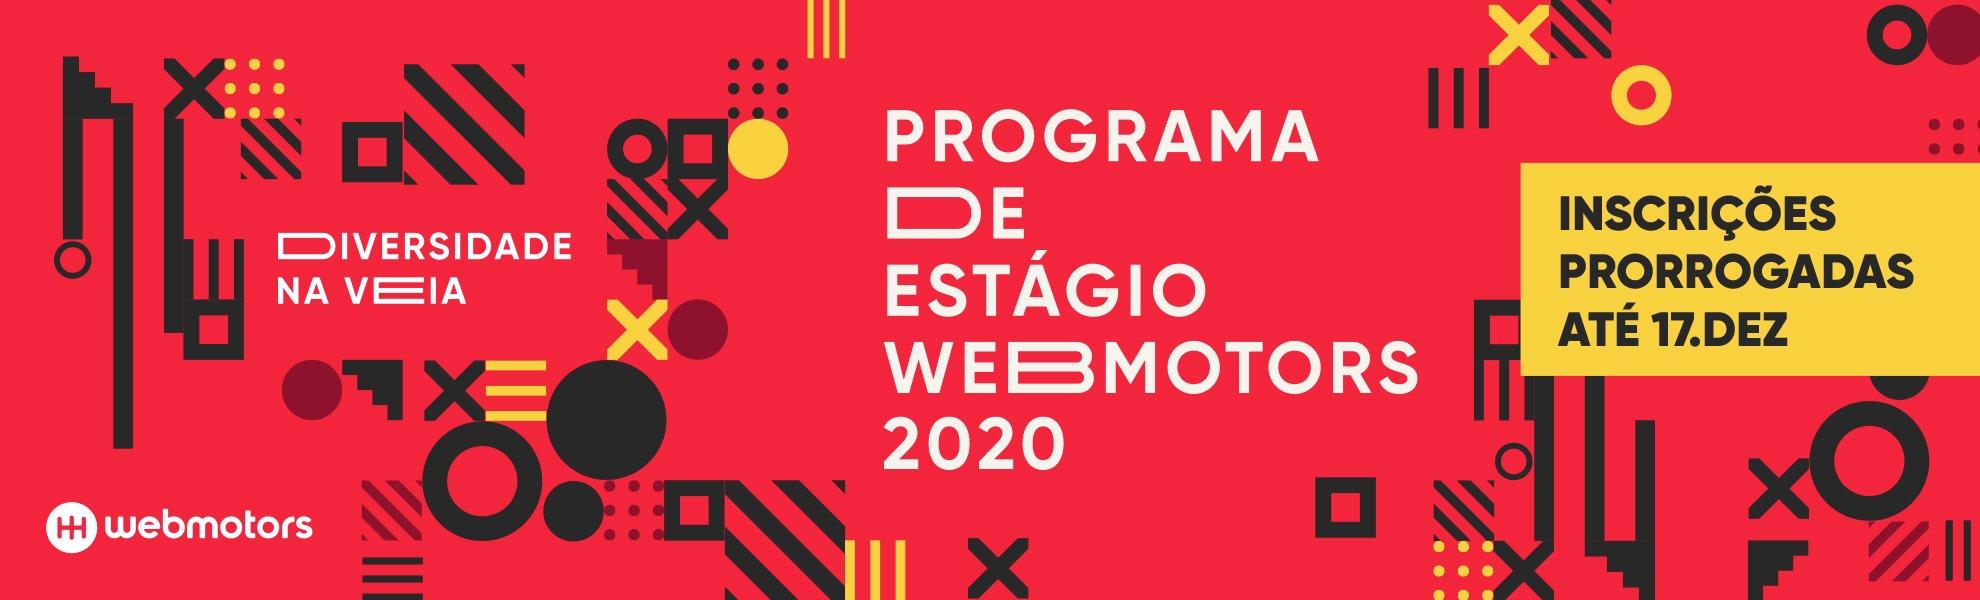 Programa de Estágio 2020